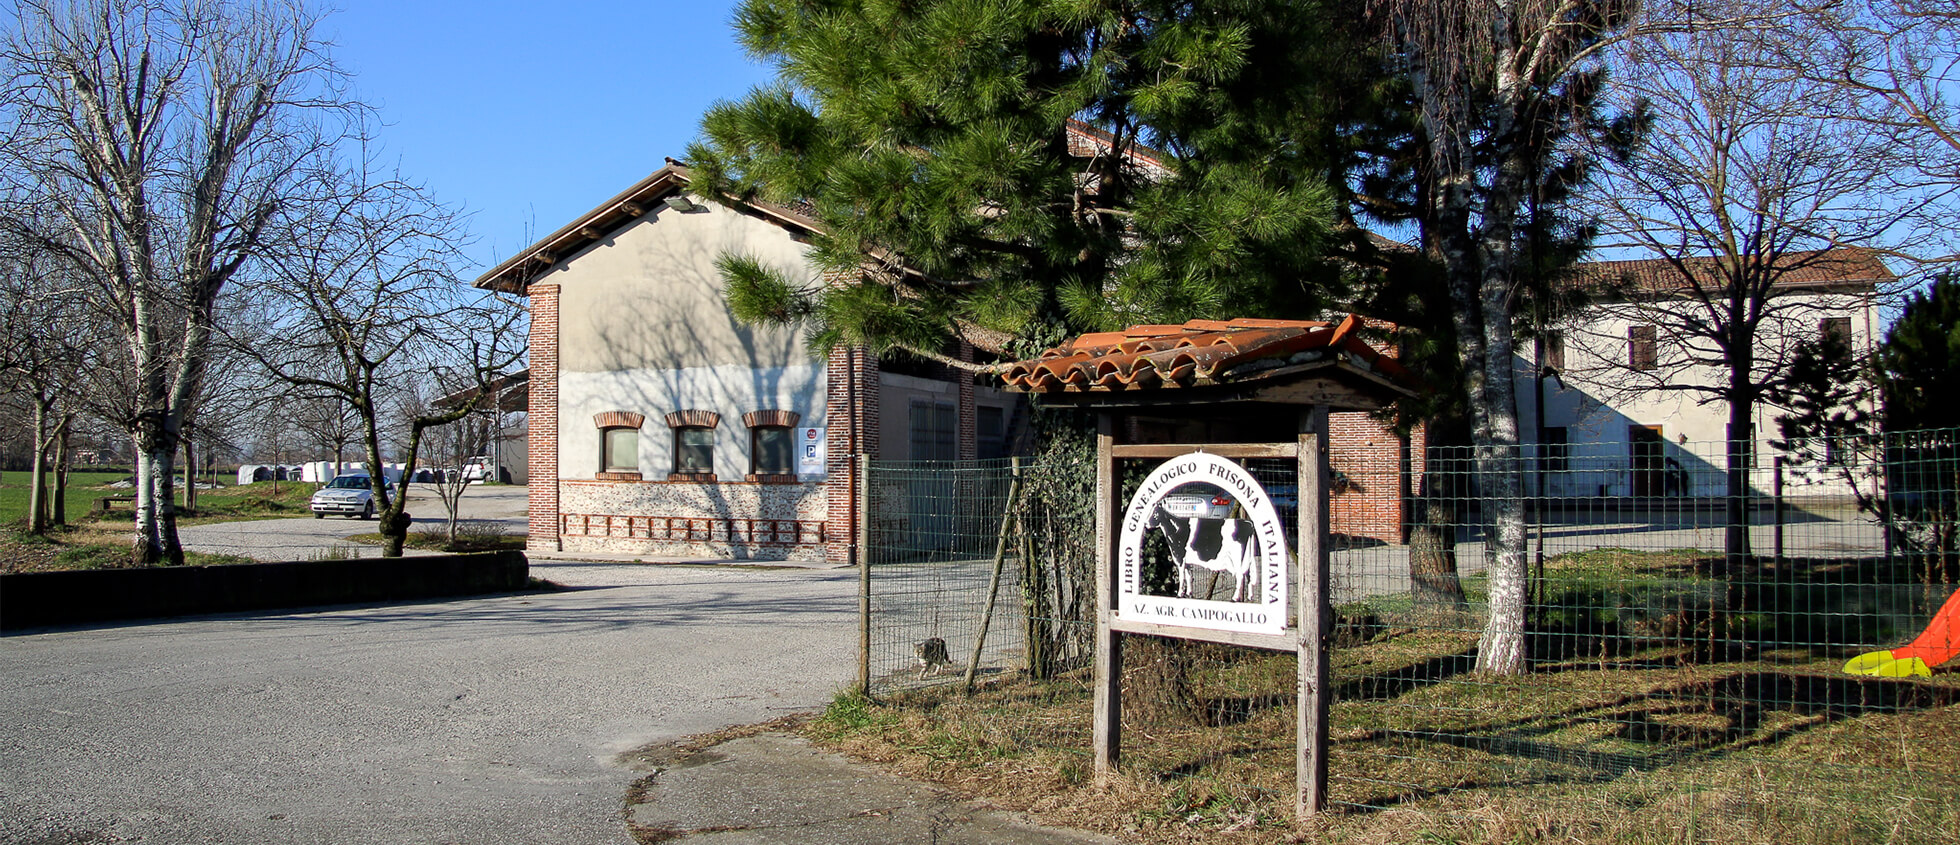 Azienda Agricola Campogallo entrata